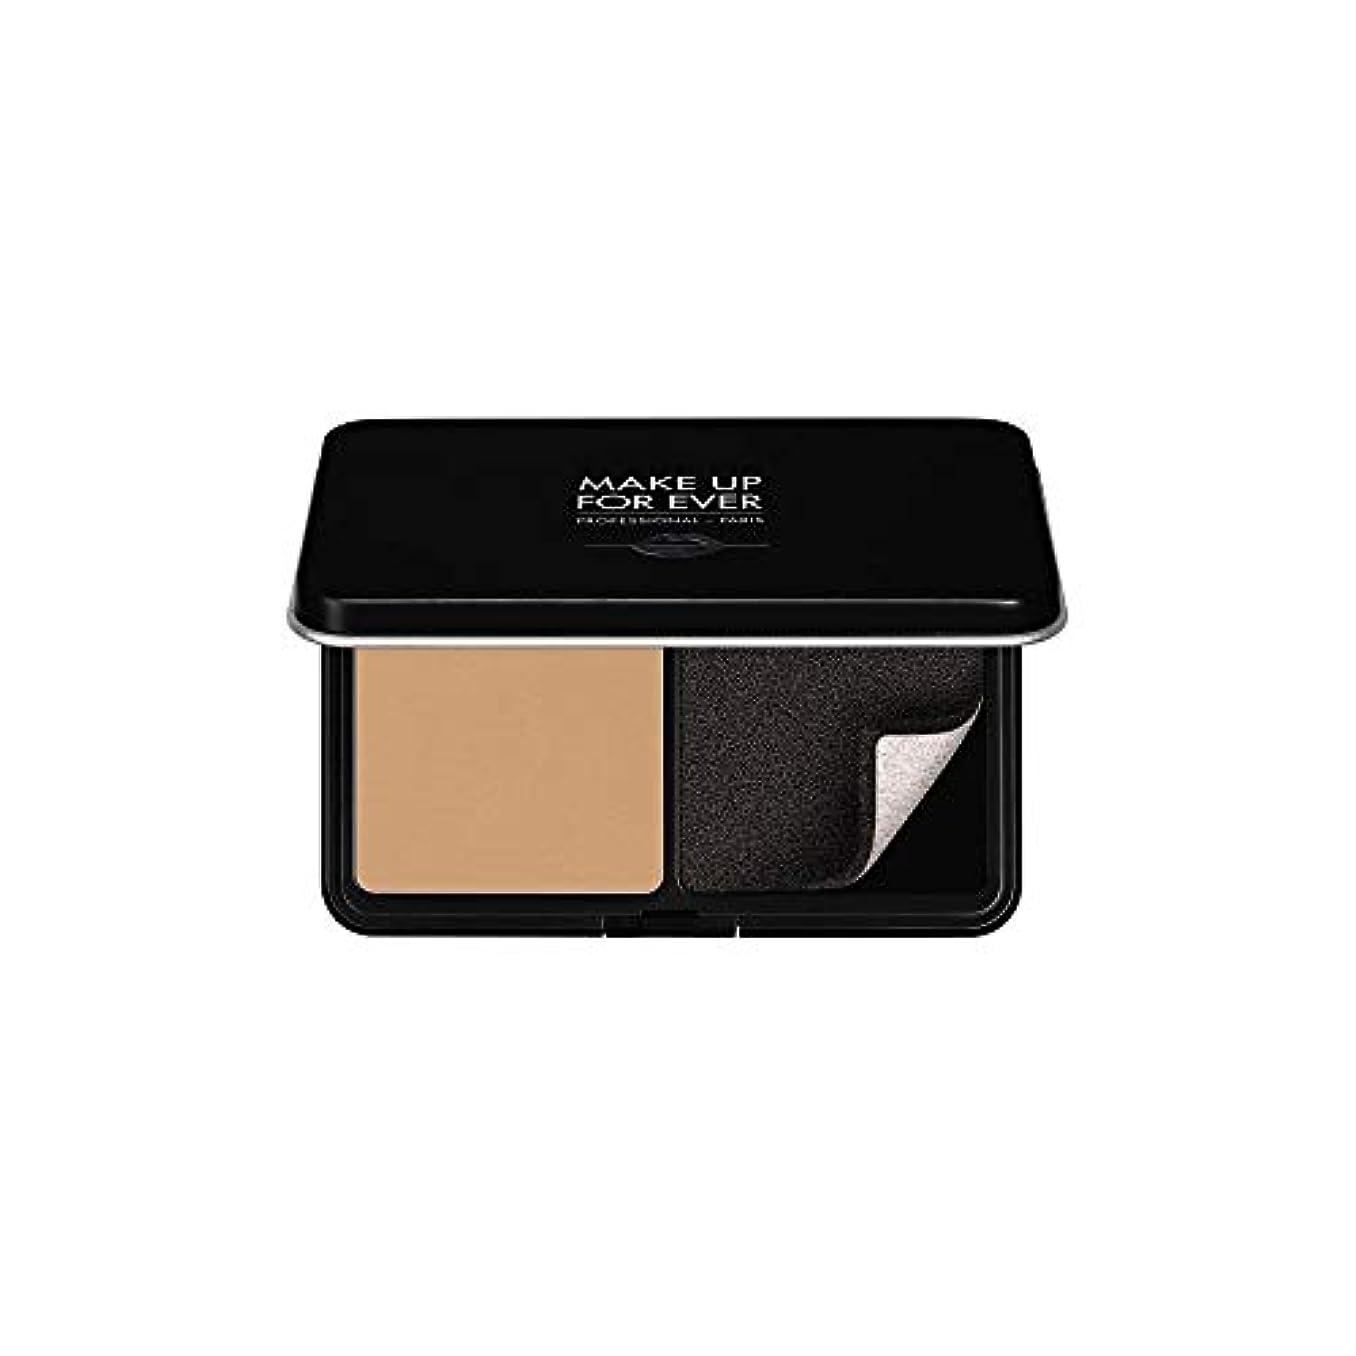 マントルリングわなメイクアップフォーエバー Matte Velvet Skin Blurring Powder Foundation - # Y315 (Sand) 11g/0.38oz並行輸入品